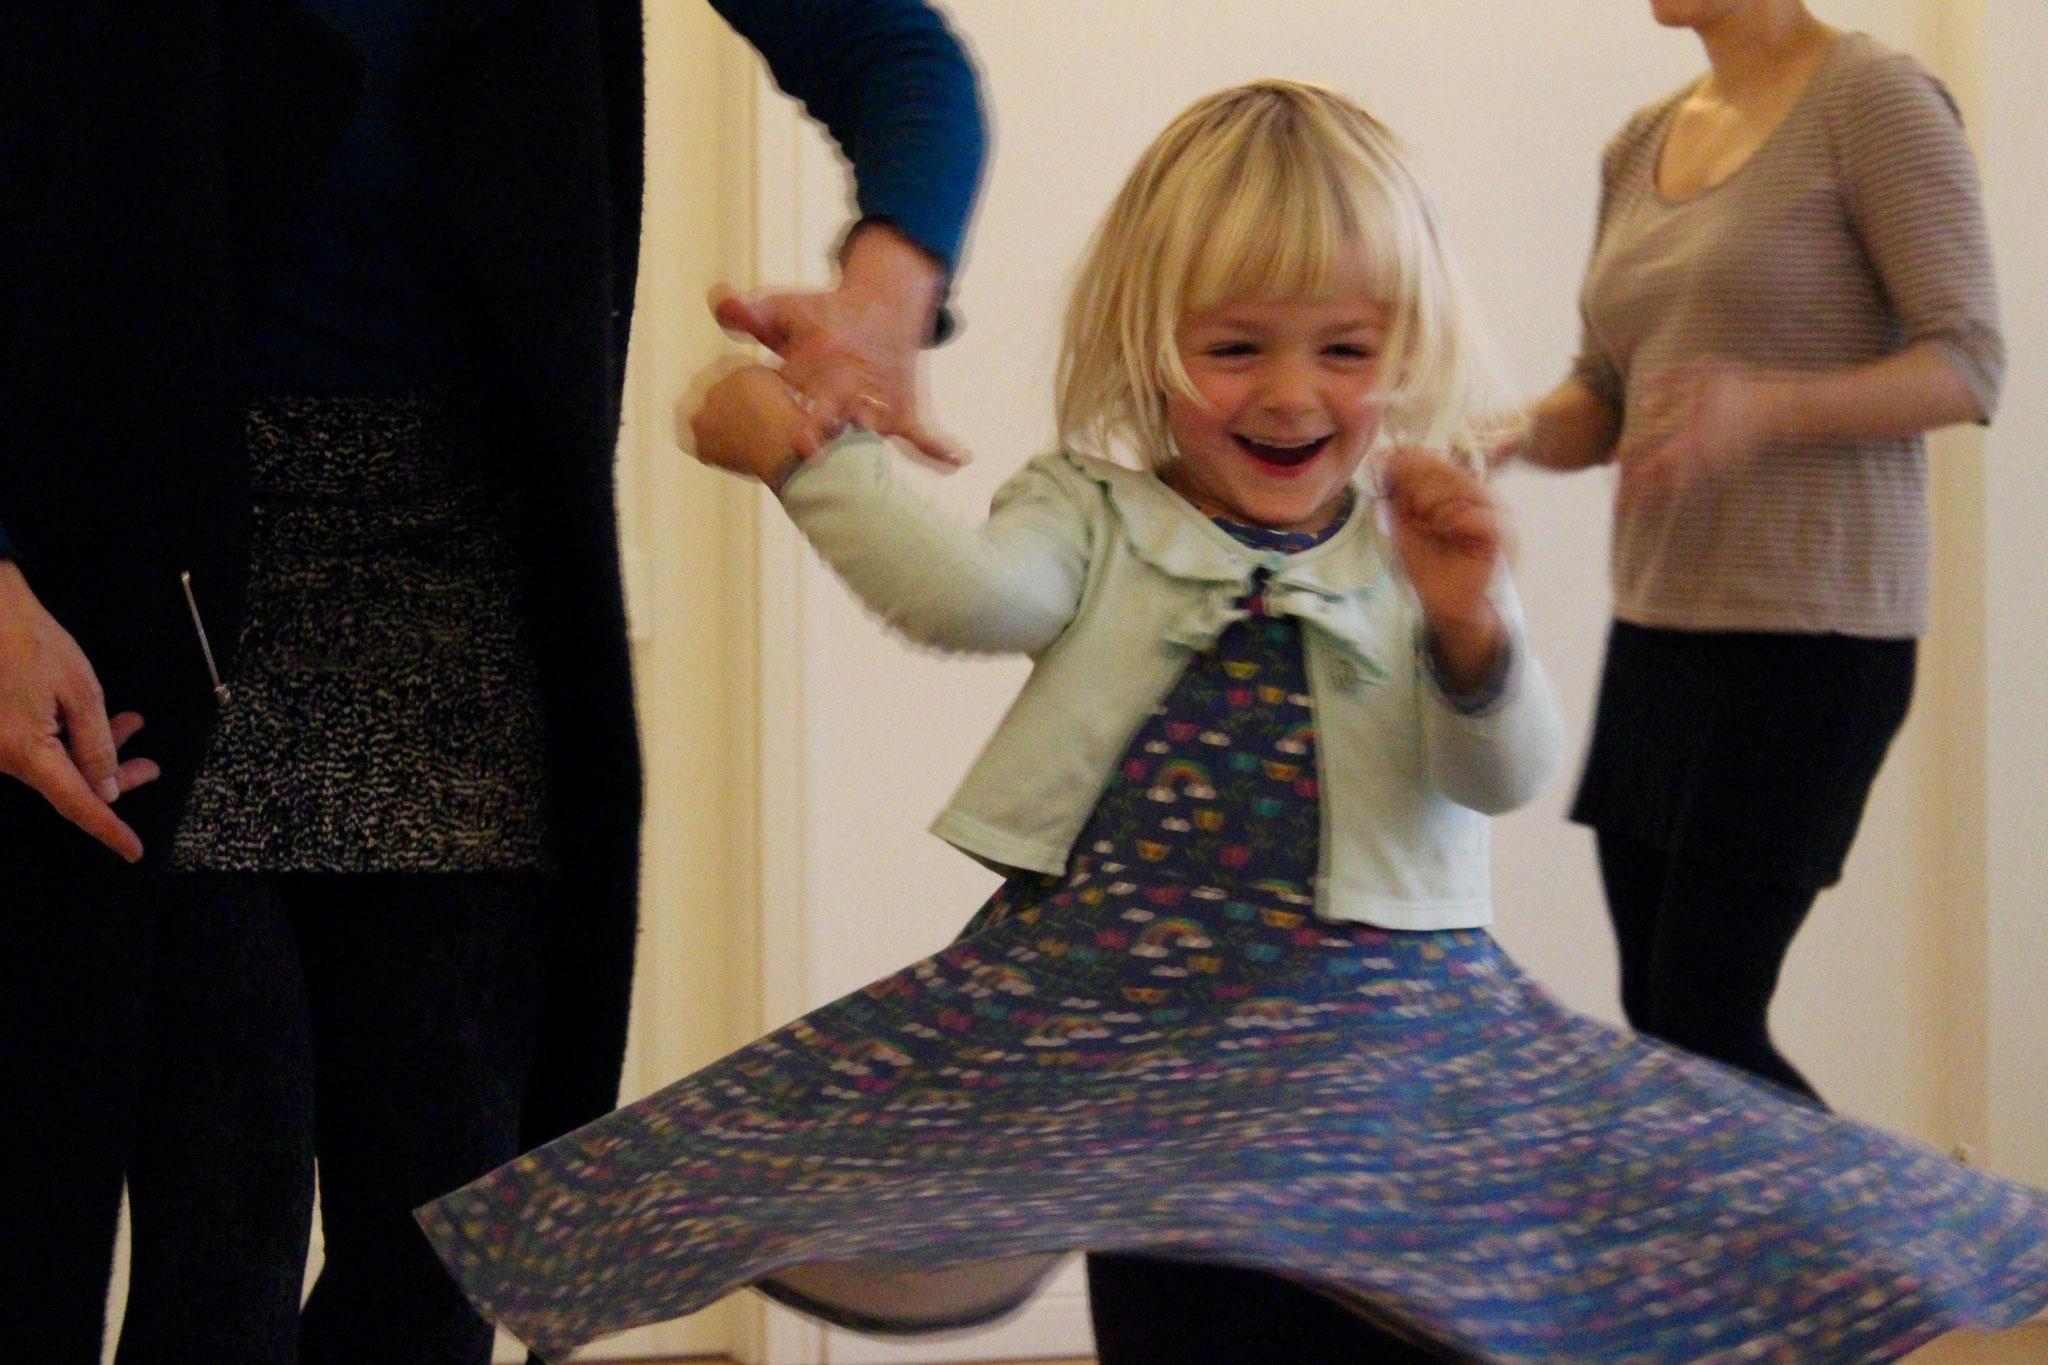 Zusammen tanzen - lieben Große und Kleine!